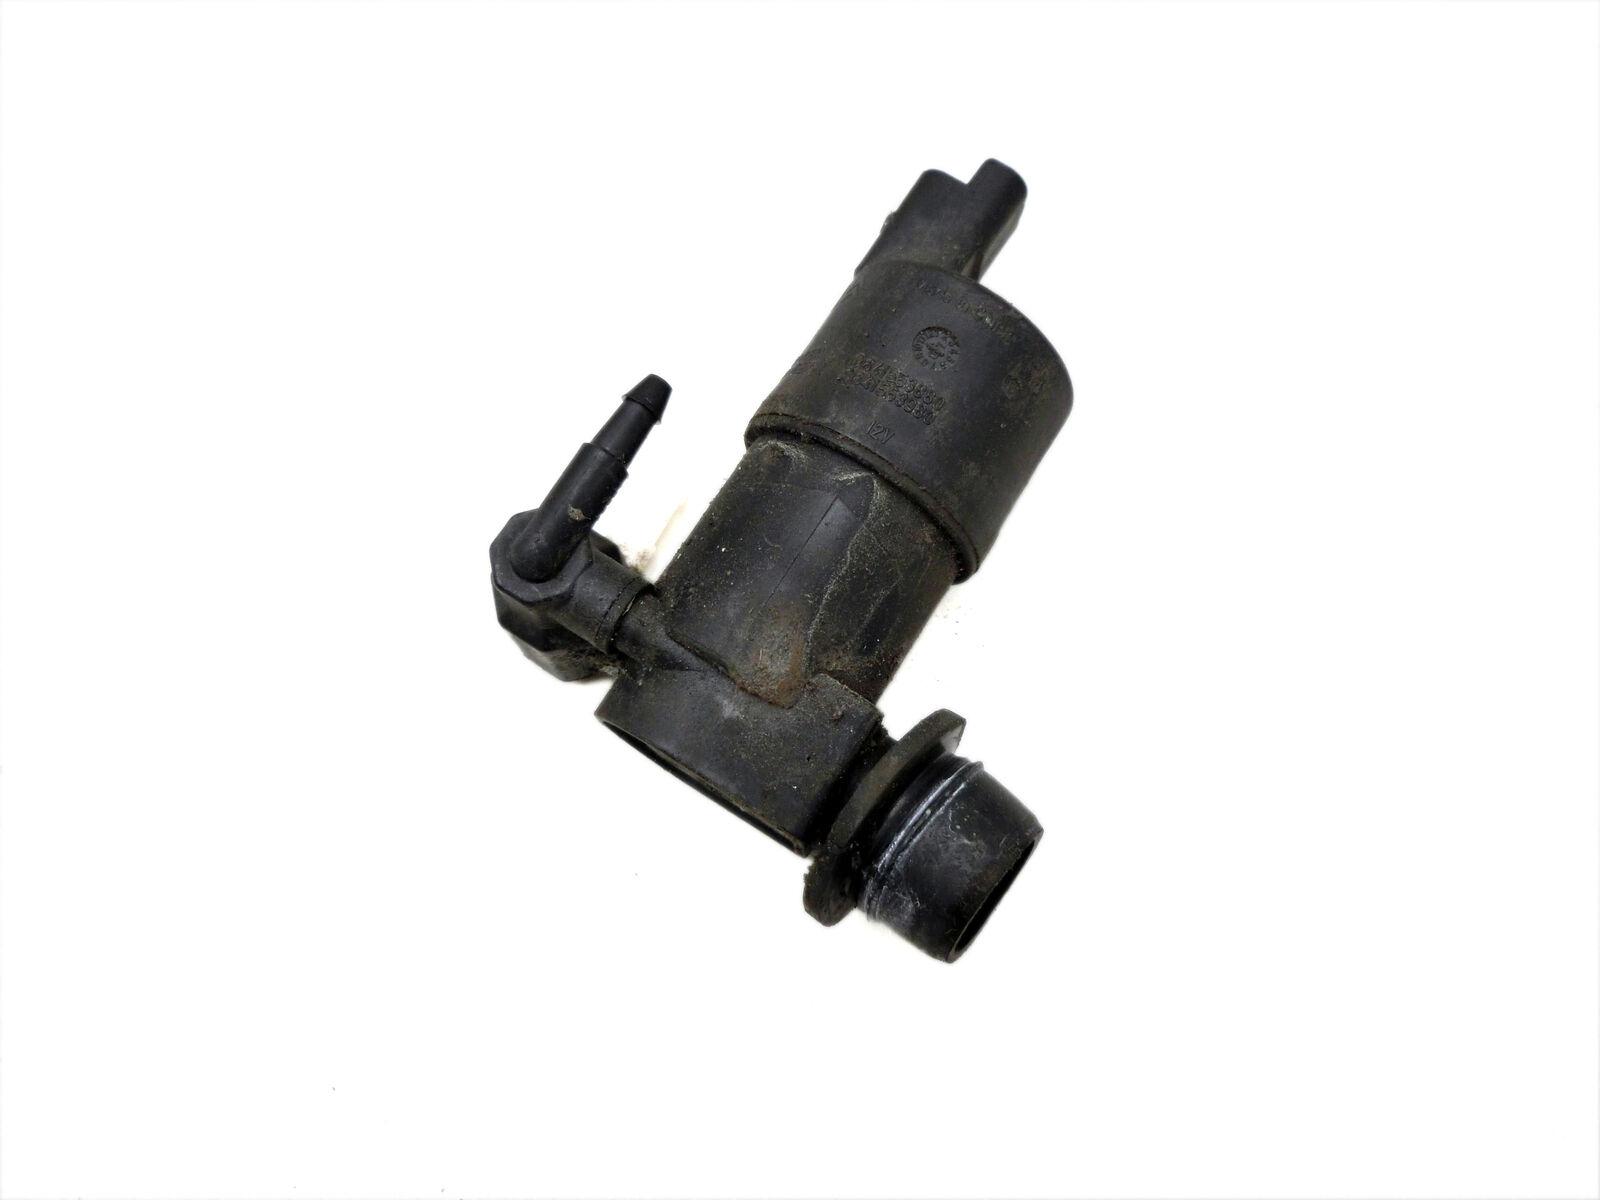 Waschwasserpumpe Wischwasserpumpe Waschpumpe Pumpe Vo für Peugeot 207 06-09